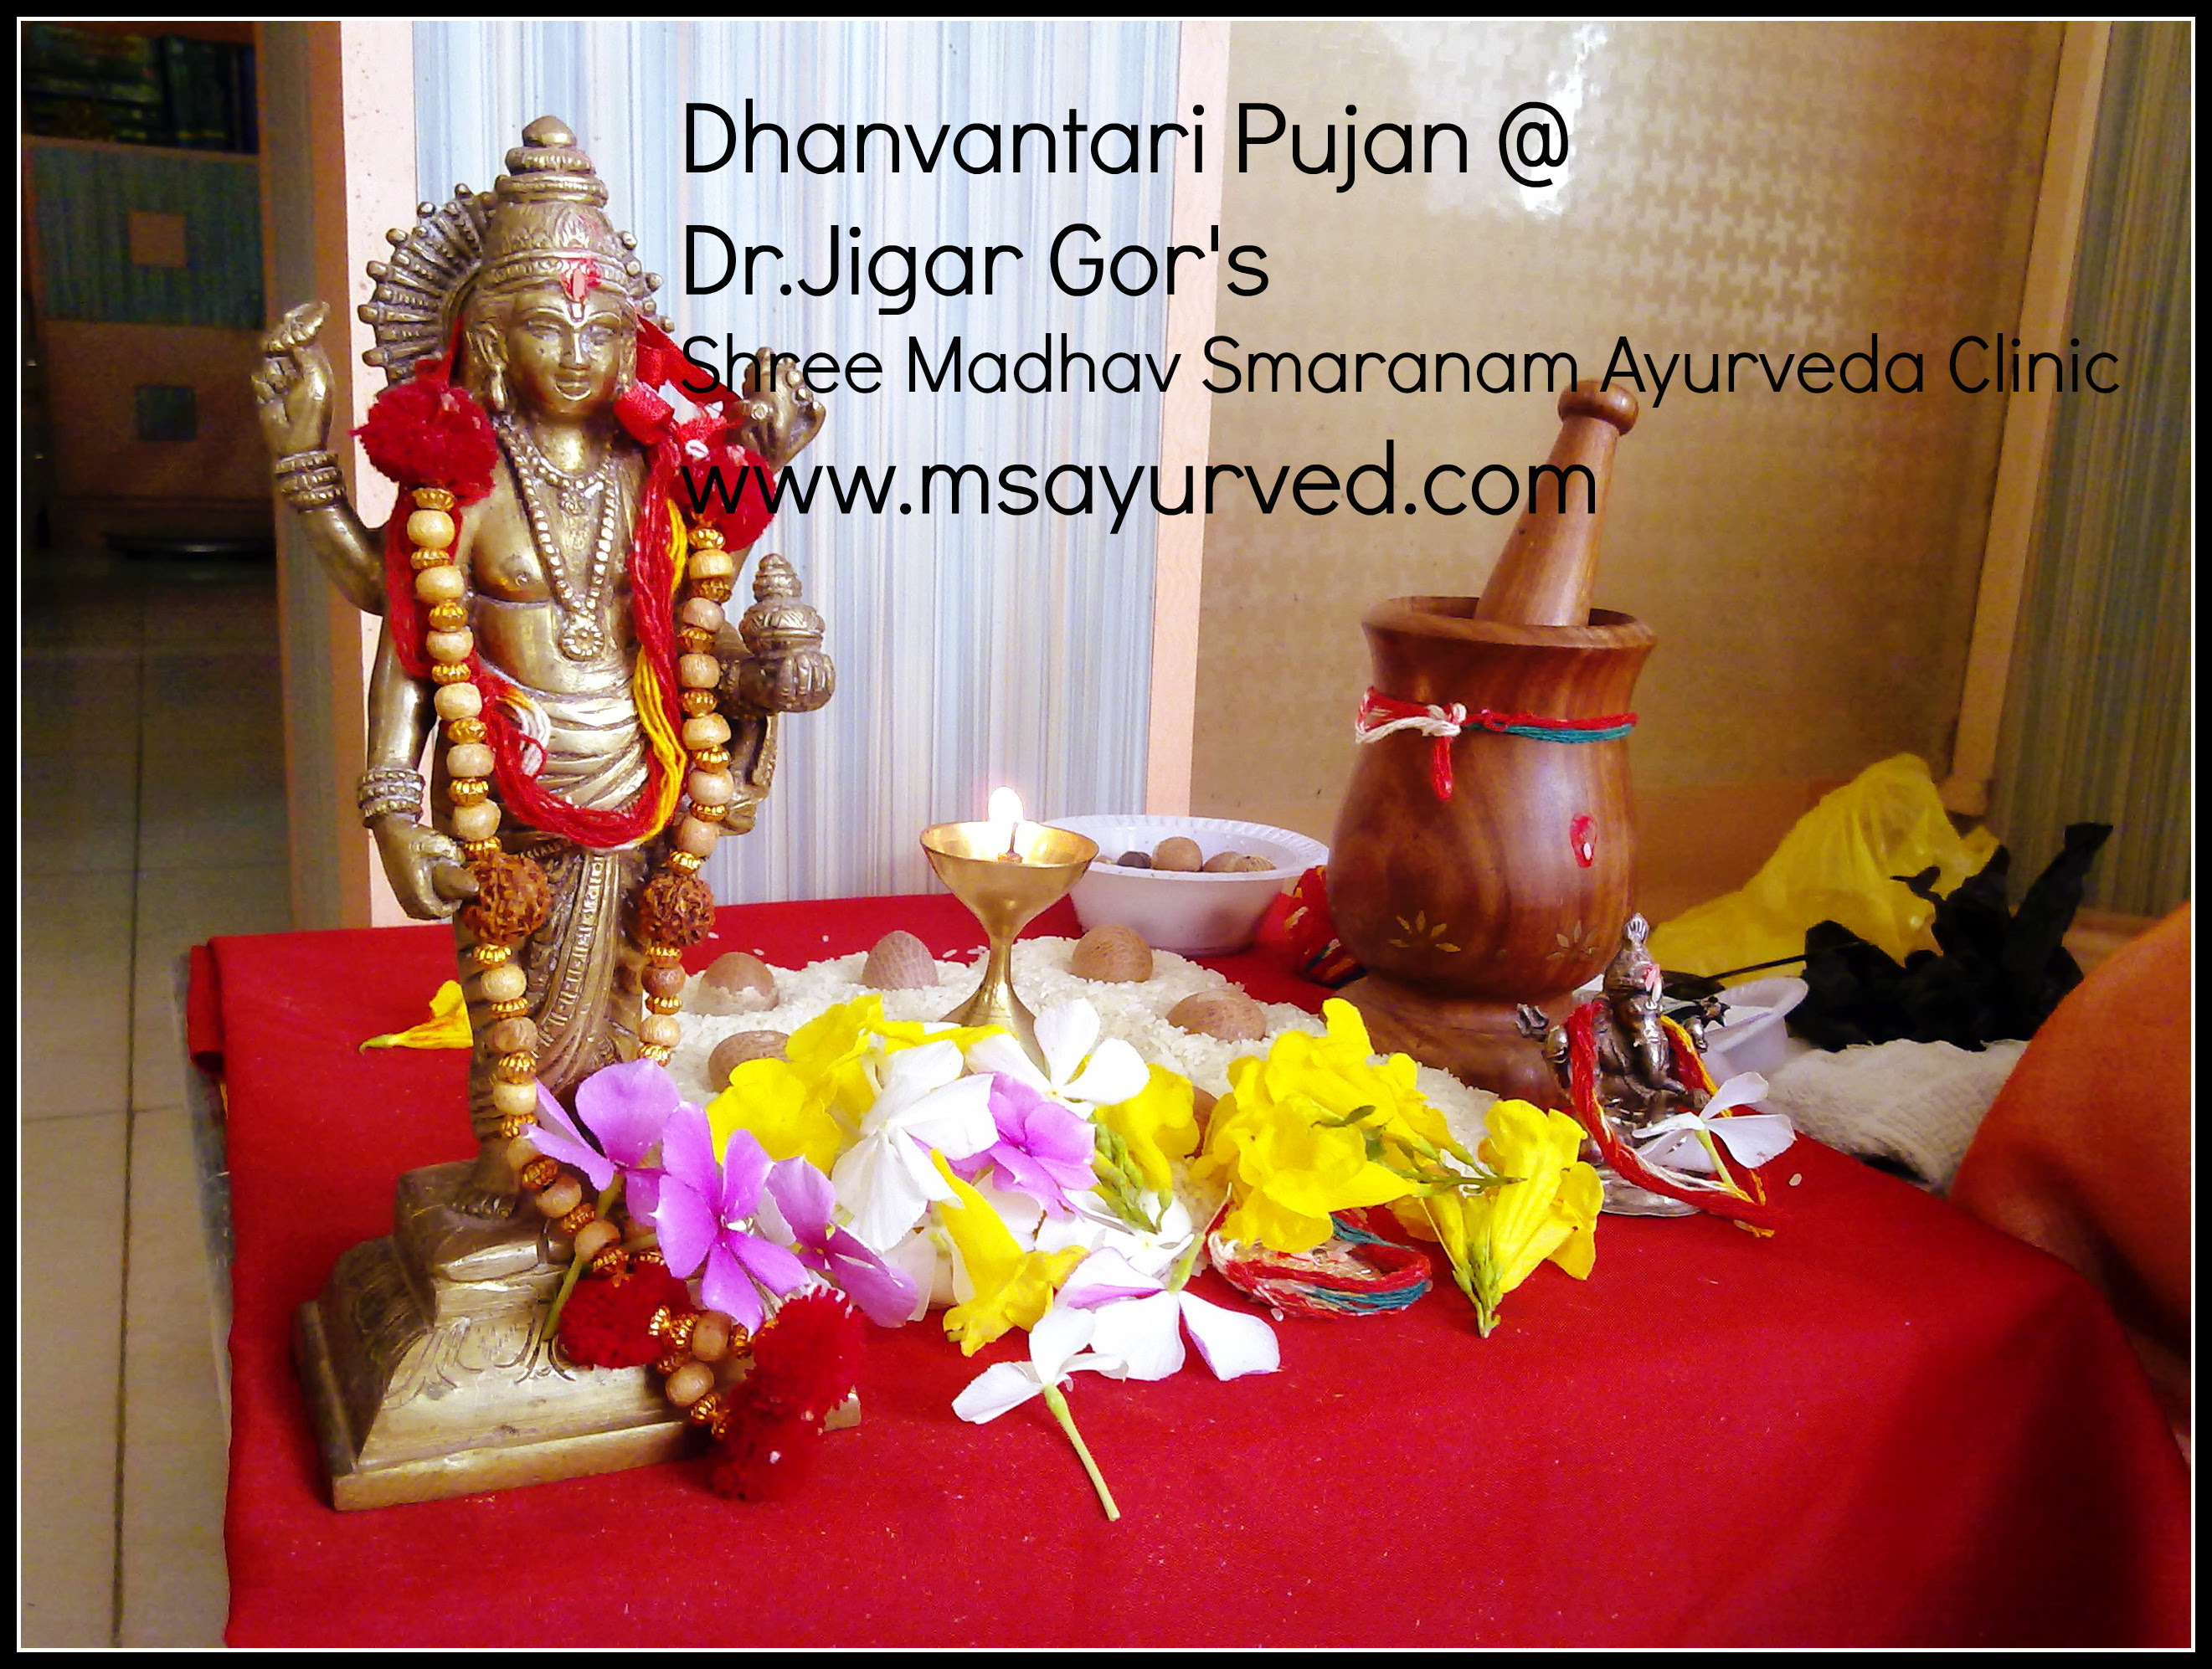 Shree dhanvantari bhagwan